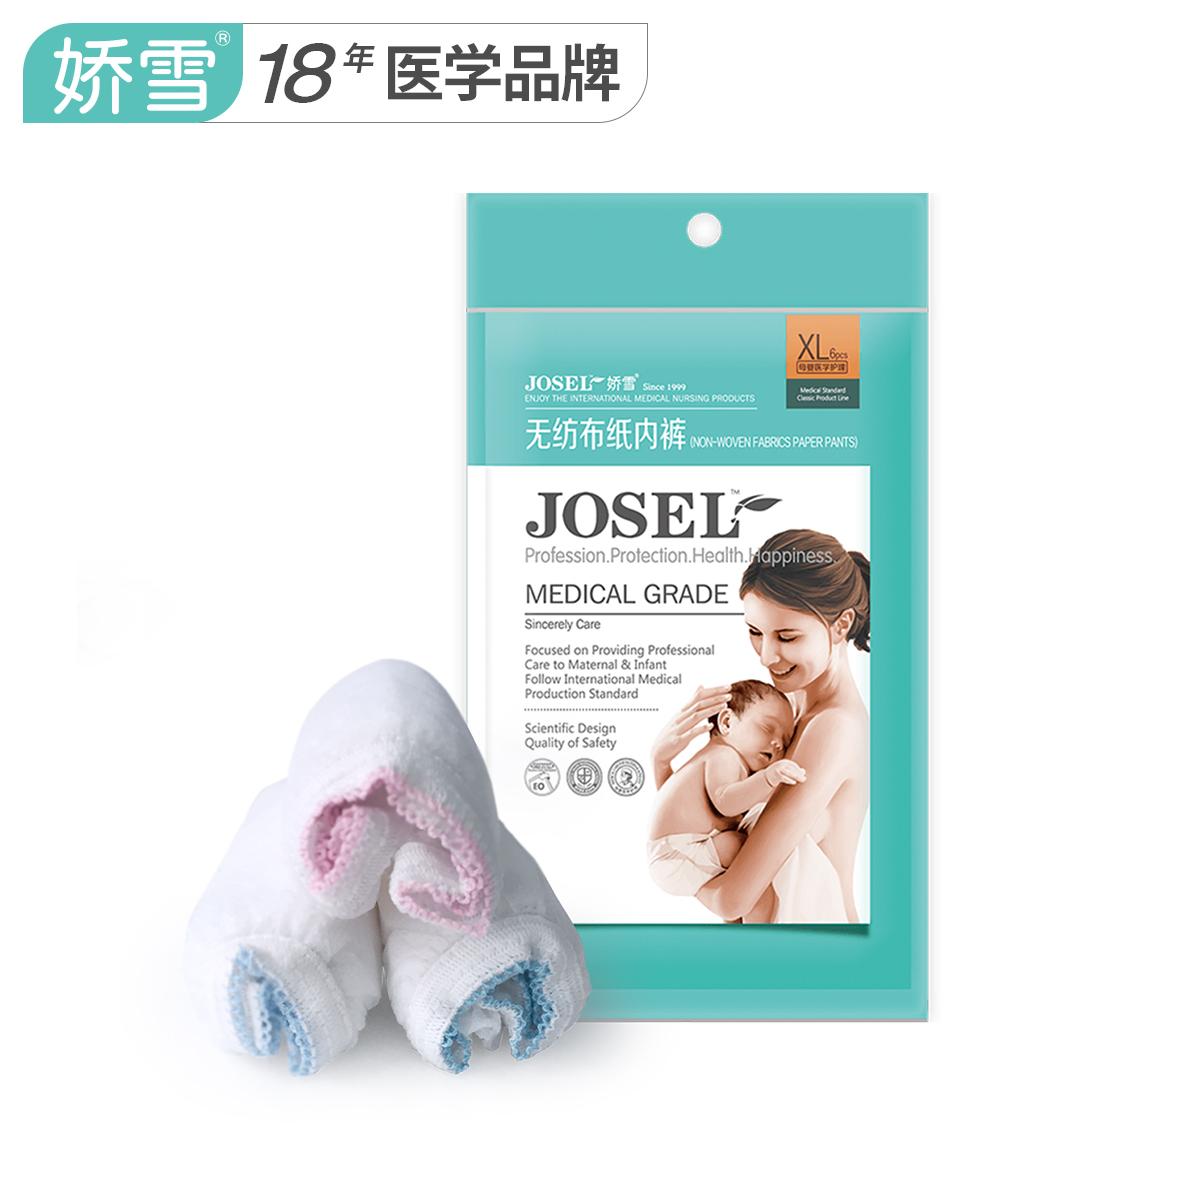 嬌雪孕婦紙內褲一次性懷孕期產後滅菌透氣可調節大碼月子產婦用品